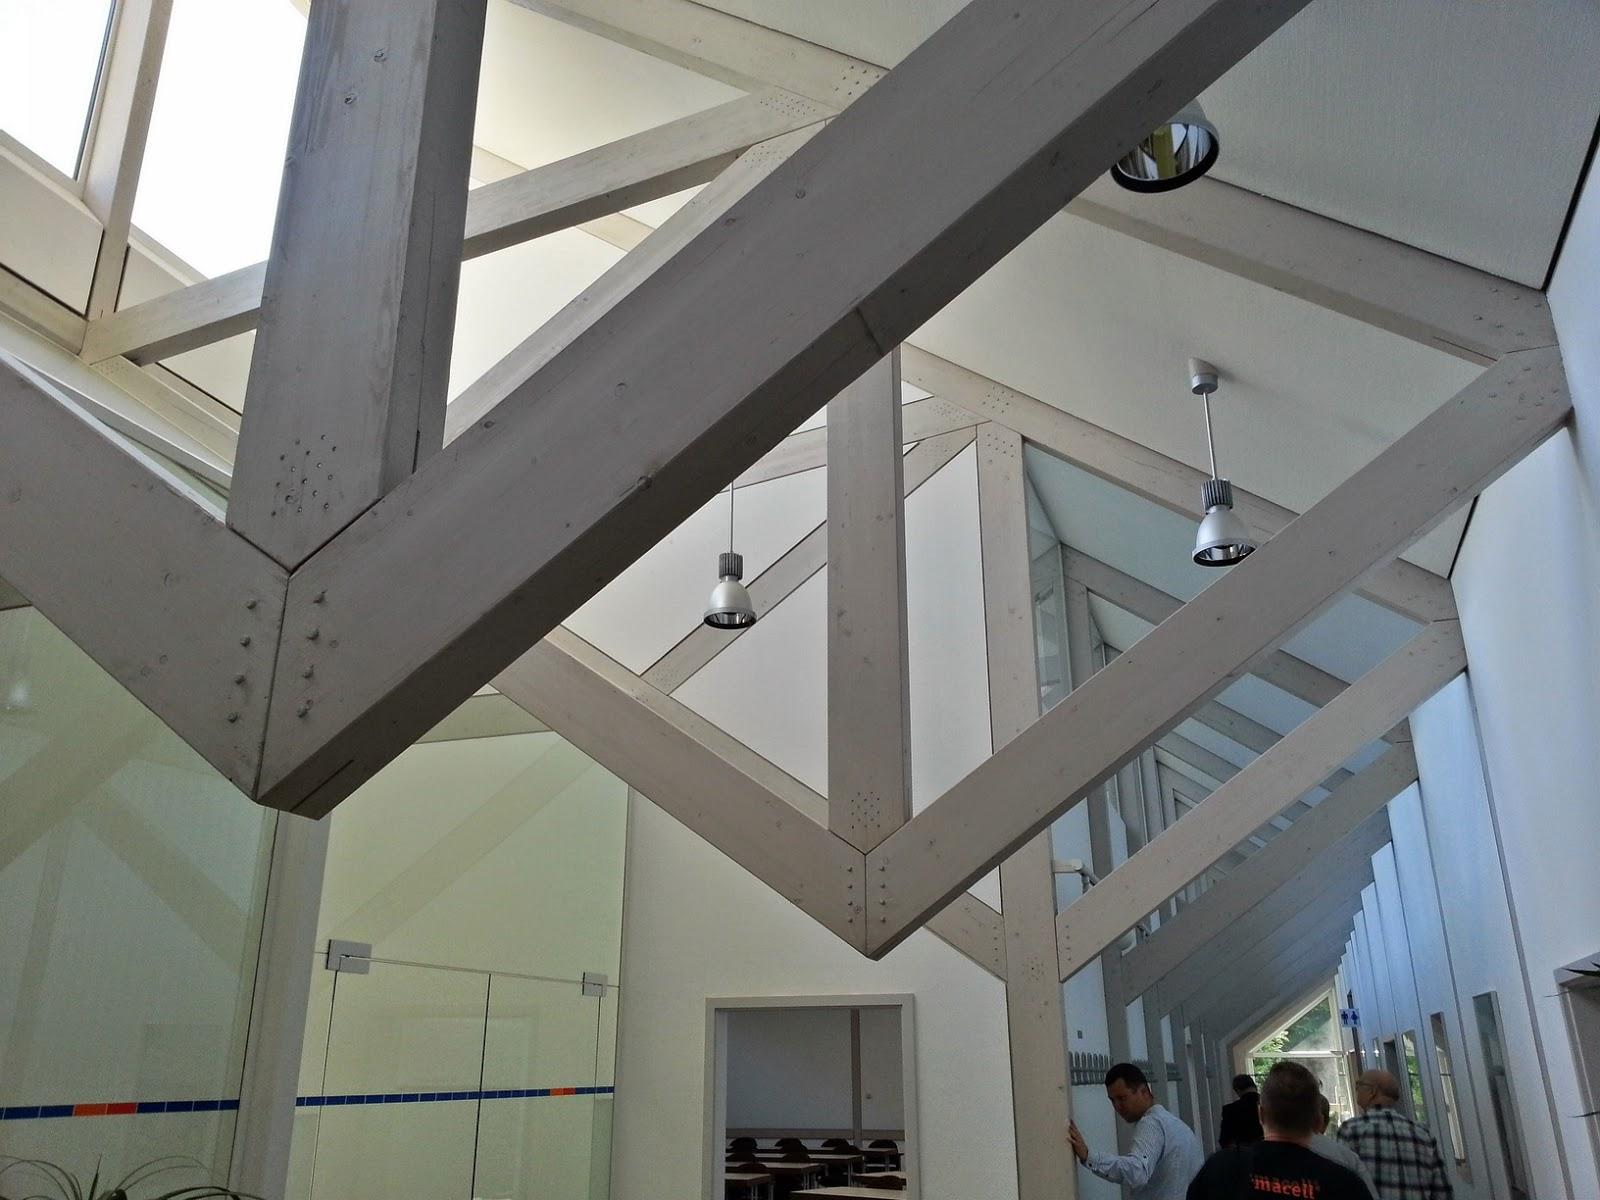 Centrum szkoleniowe jest w konstrukcji lekkiej drewnianej